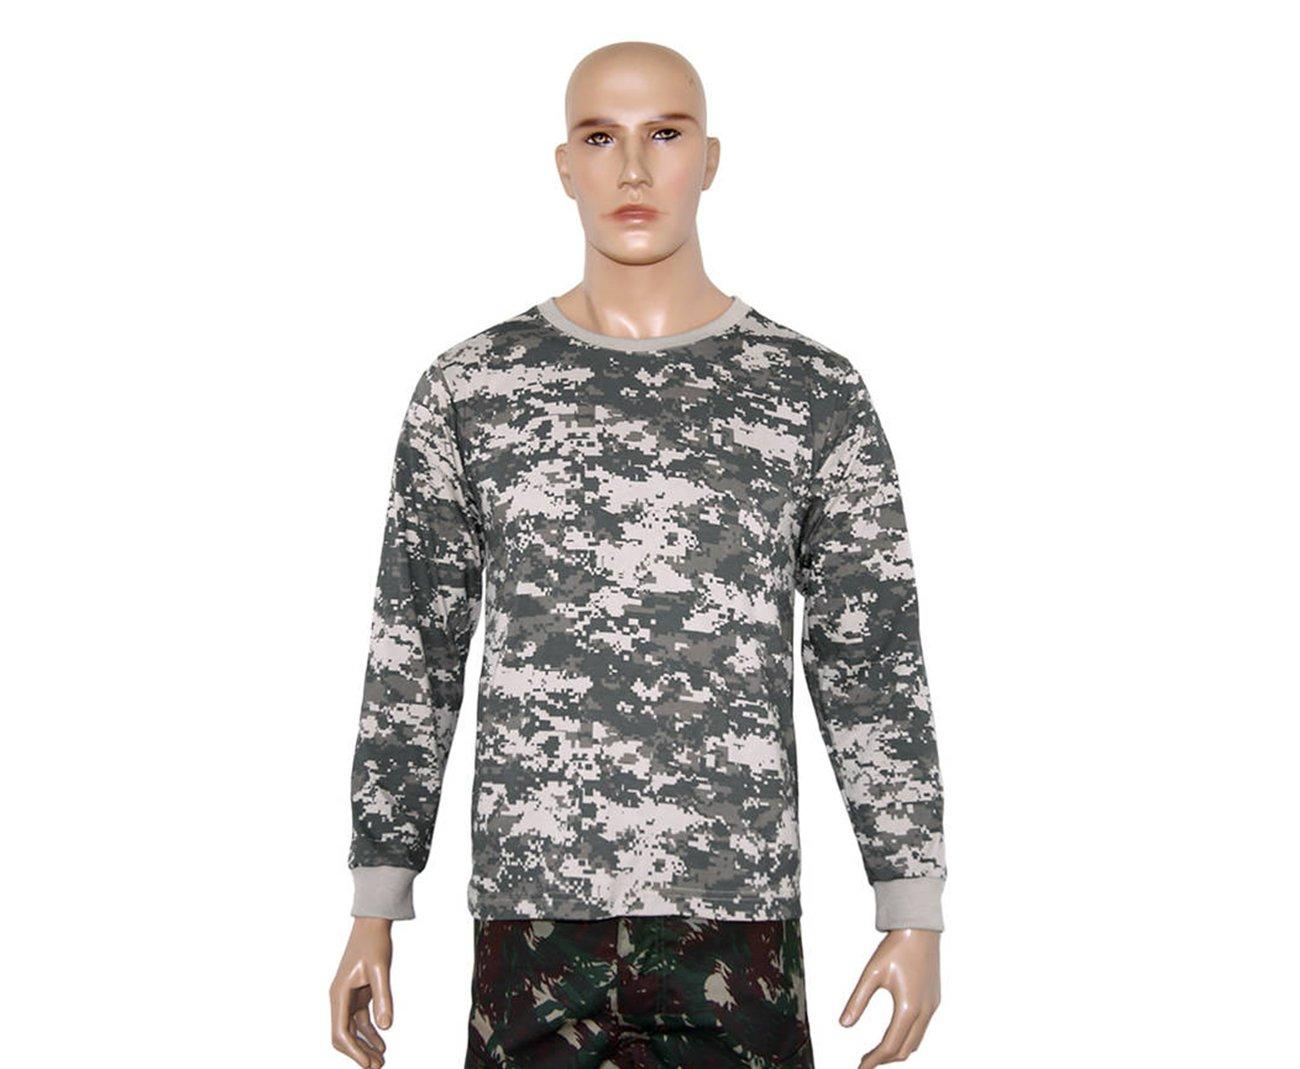 Camiseta Manga Longa Army Combat Camuflado Digital - Bravo